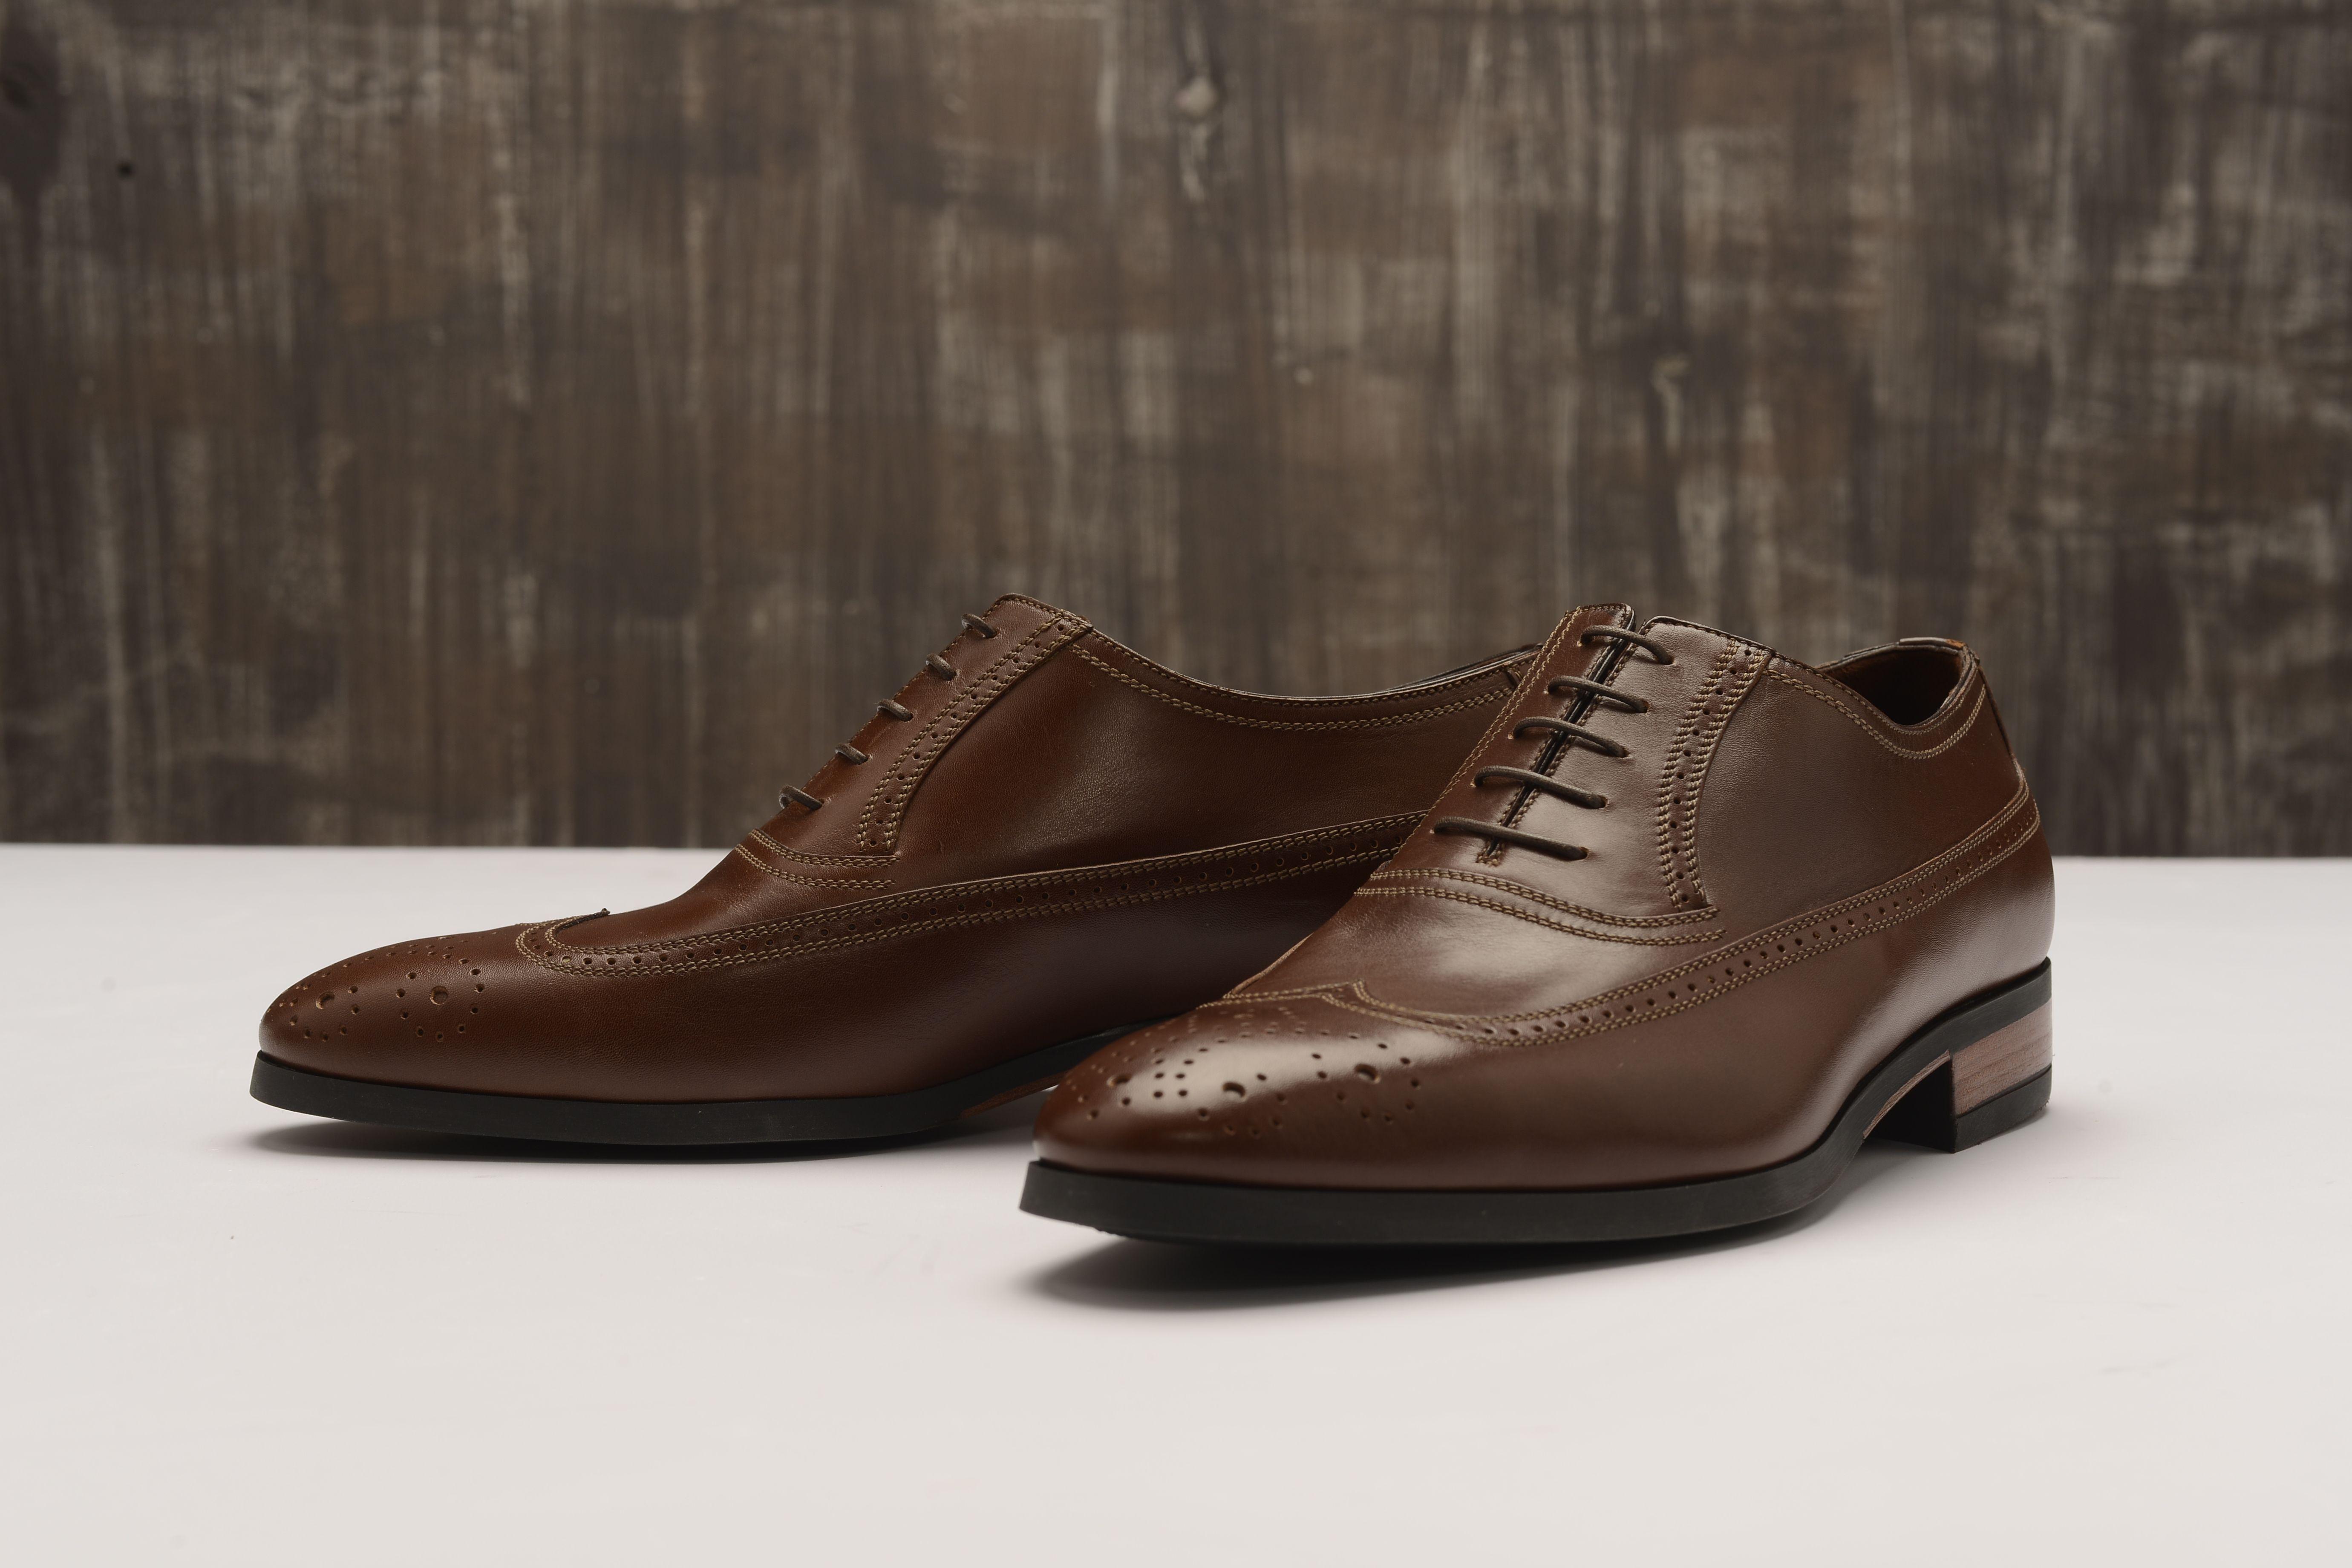 bae4c05dd3c7 Мужские туфли a.testoni. Оксфорды броги wing-tip с закрытой шнуровкой